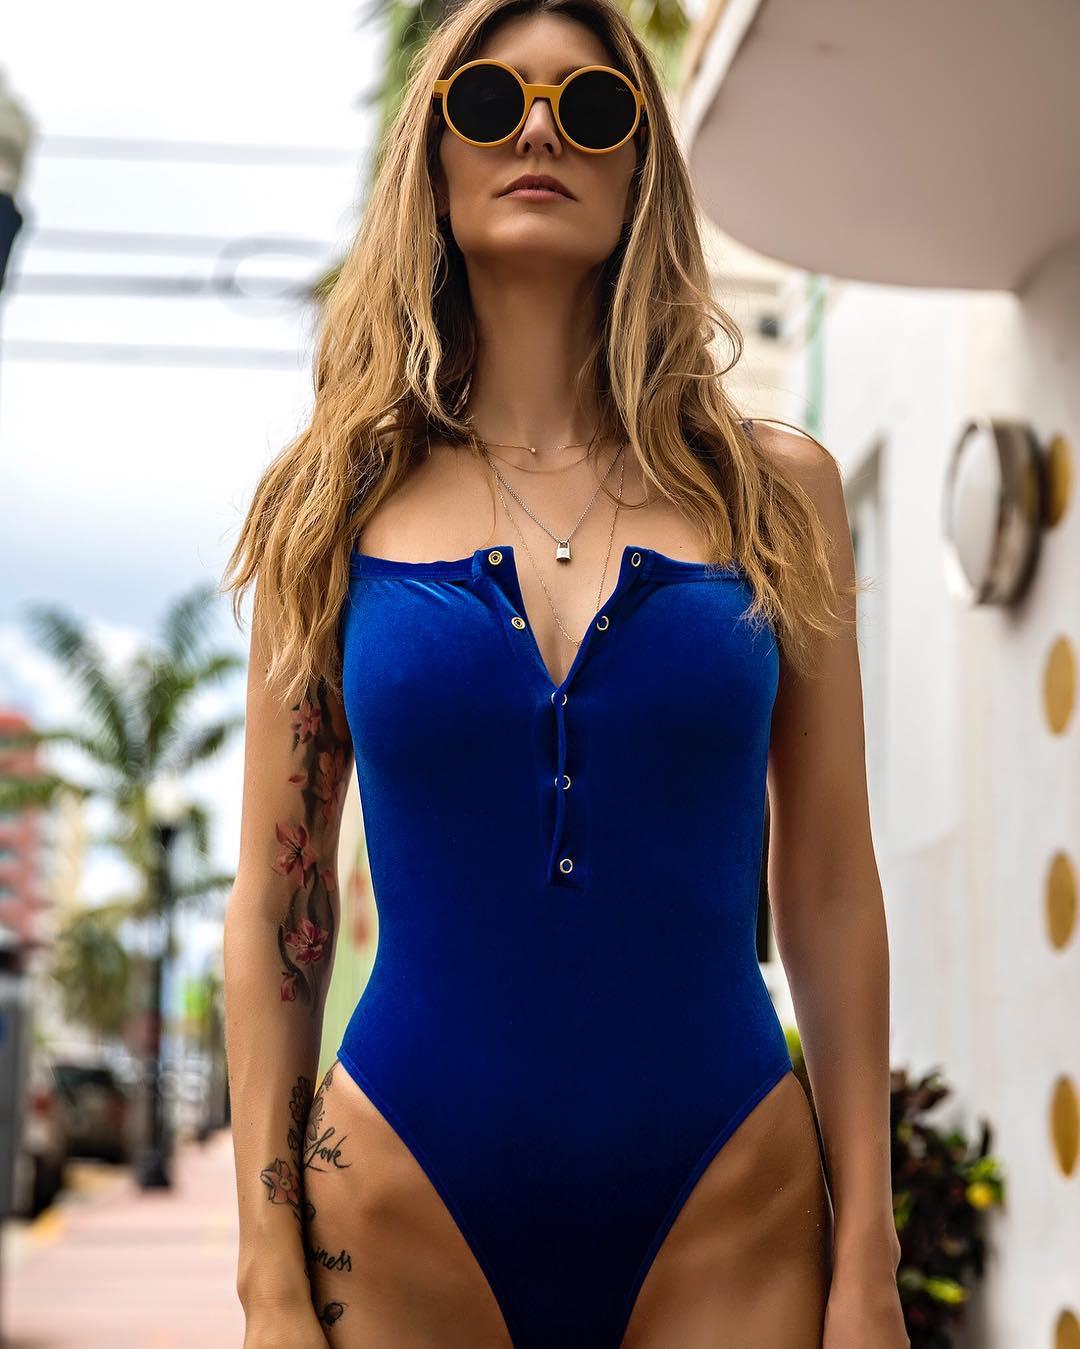 Diana Pereira é a nova solteira mais desejada de Portugal